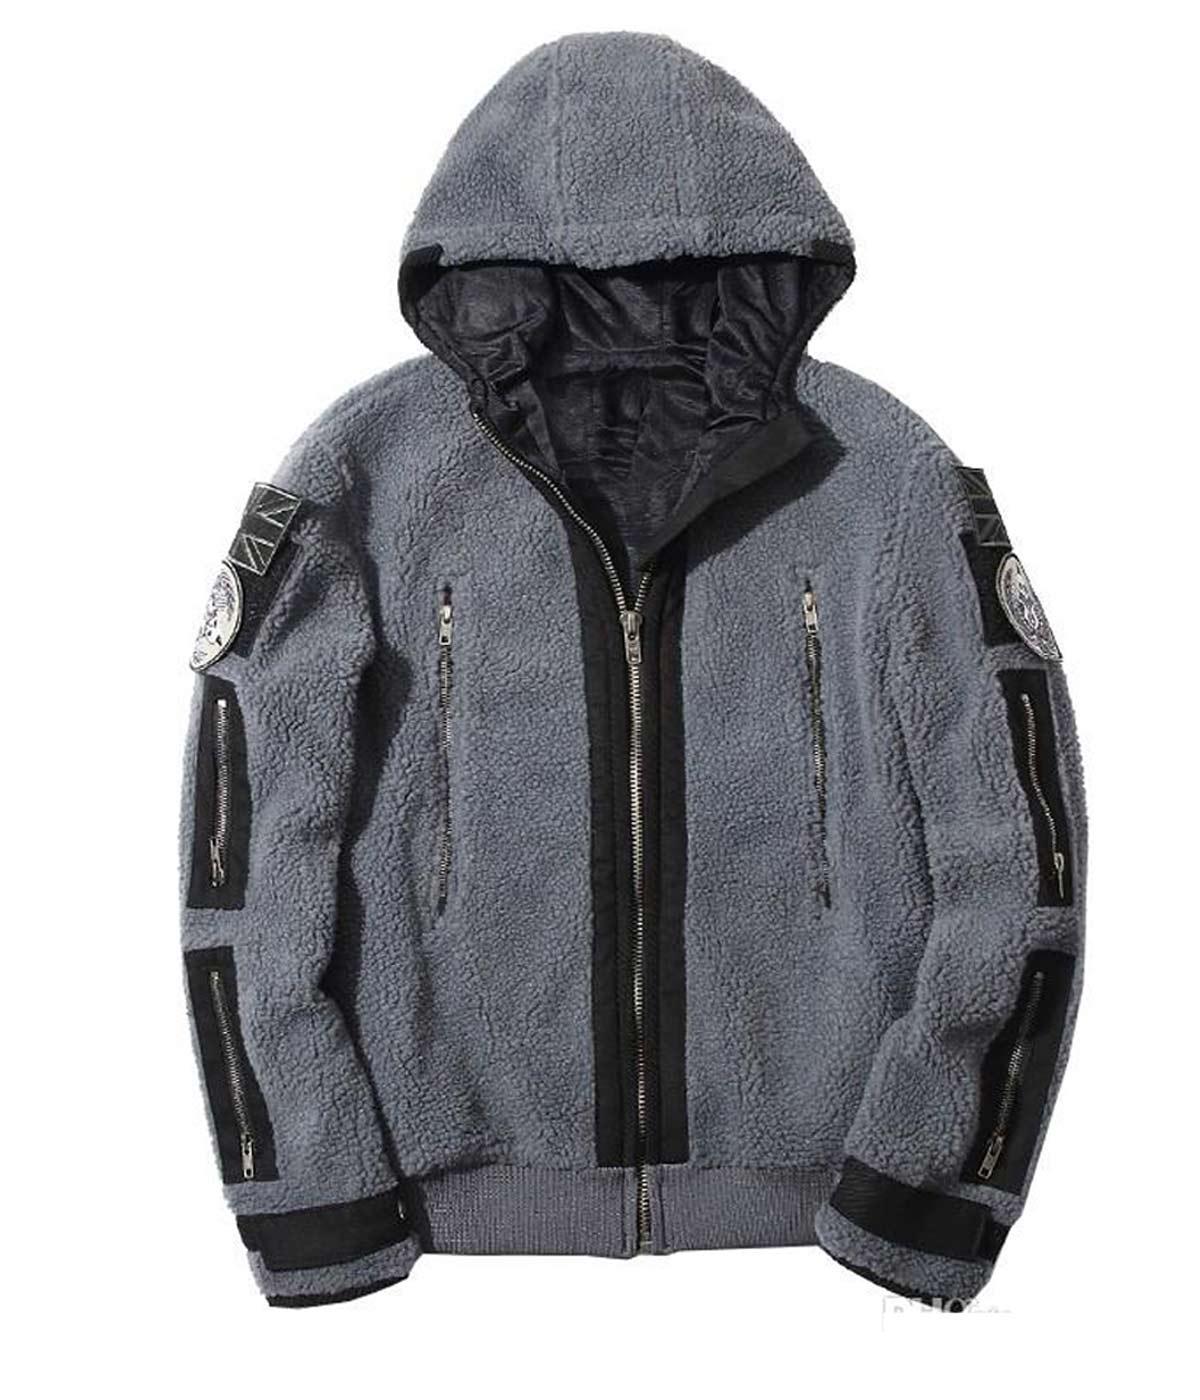 ghost-modern-warfare-jacket